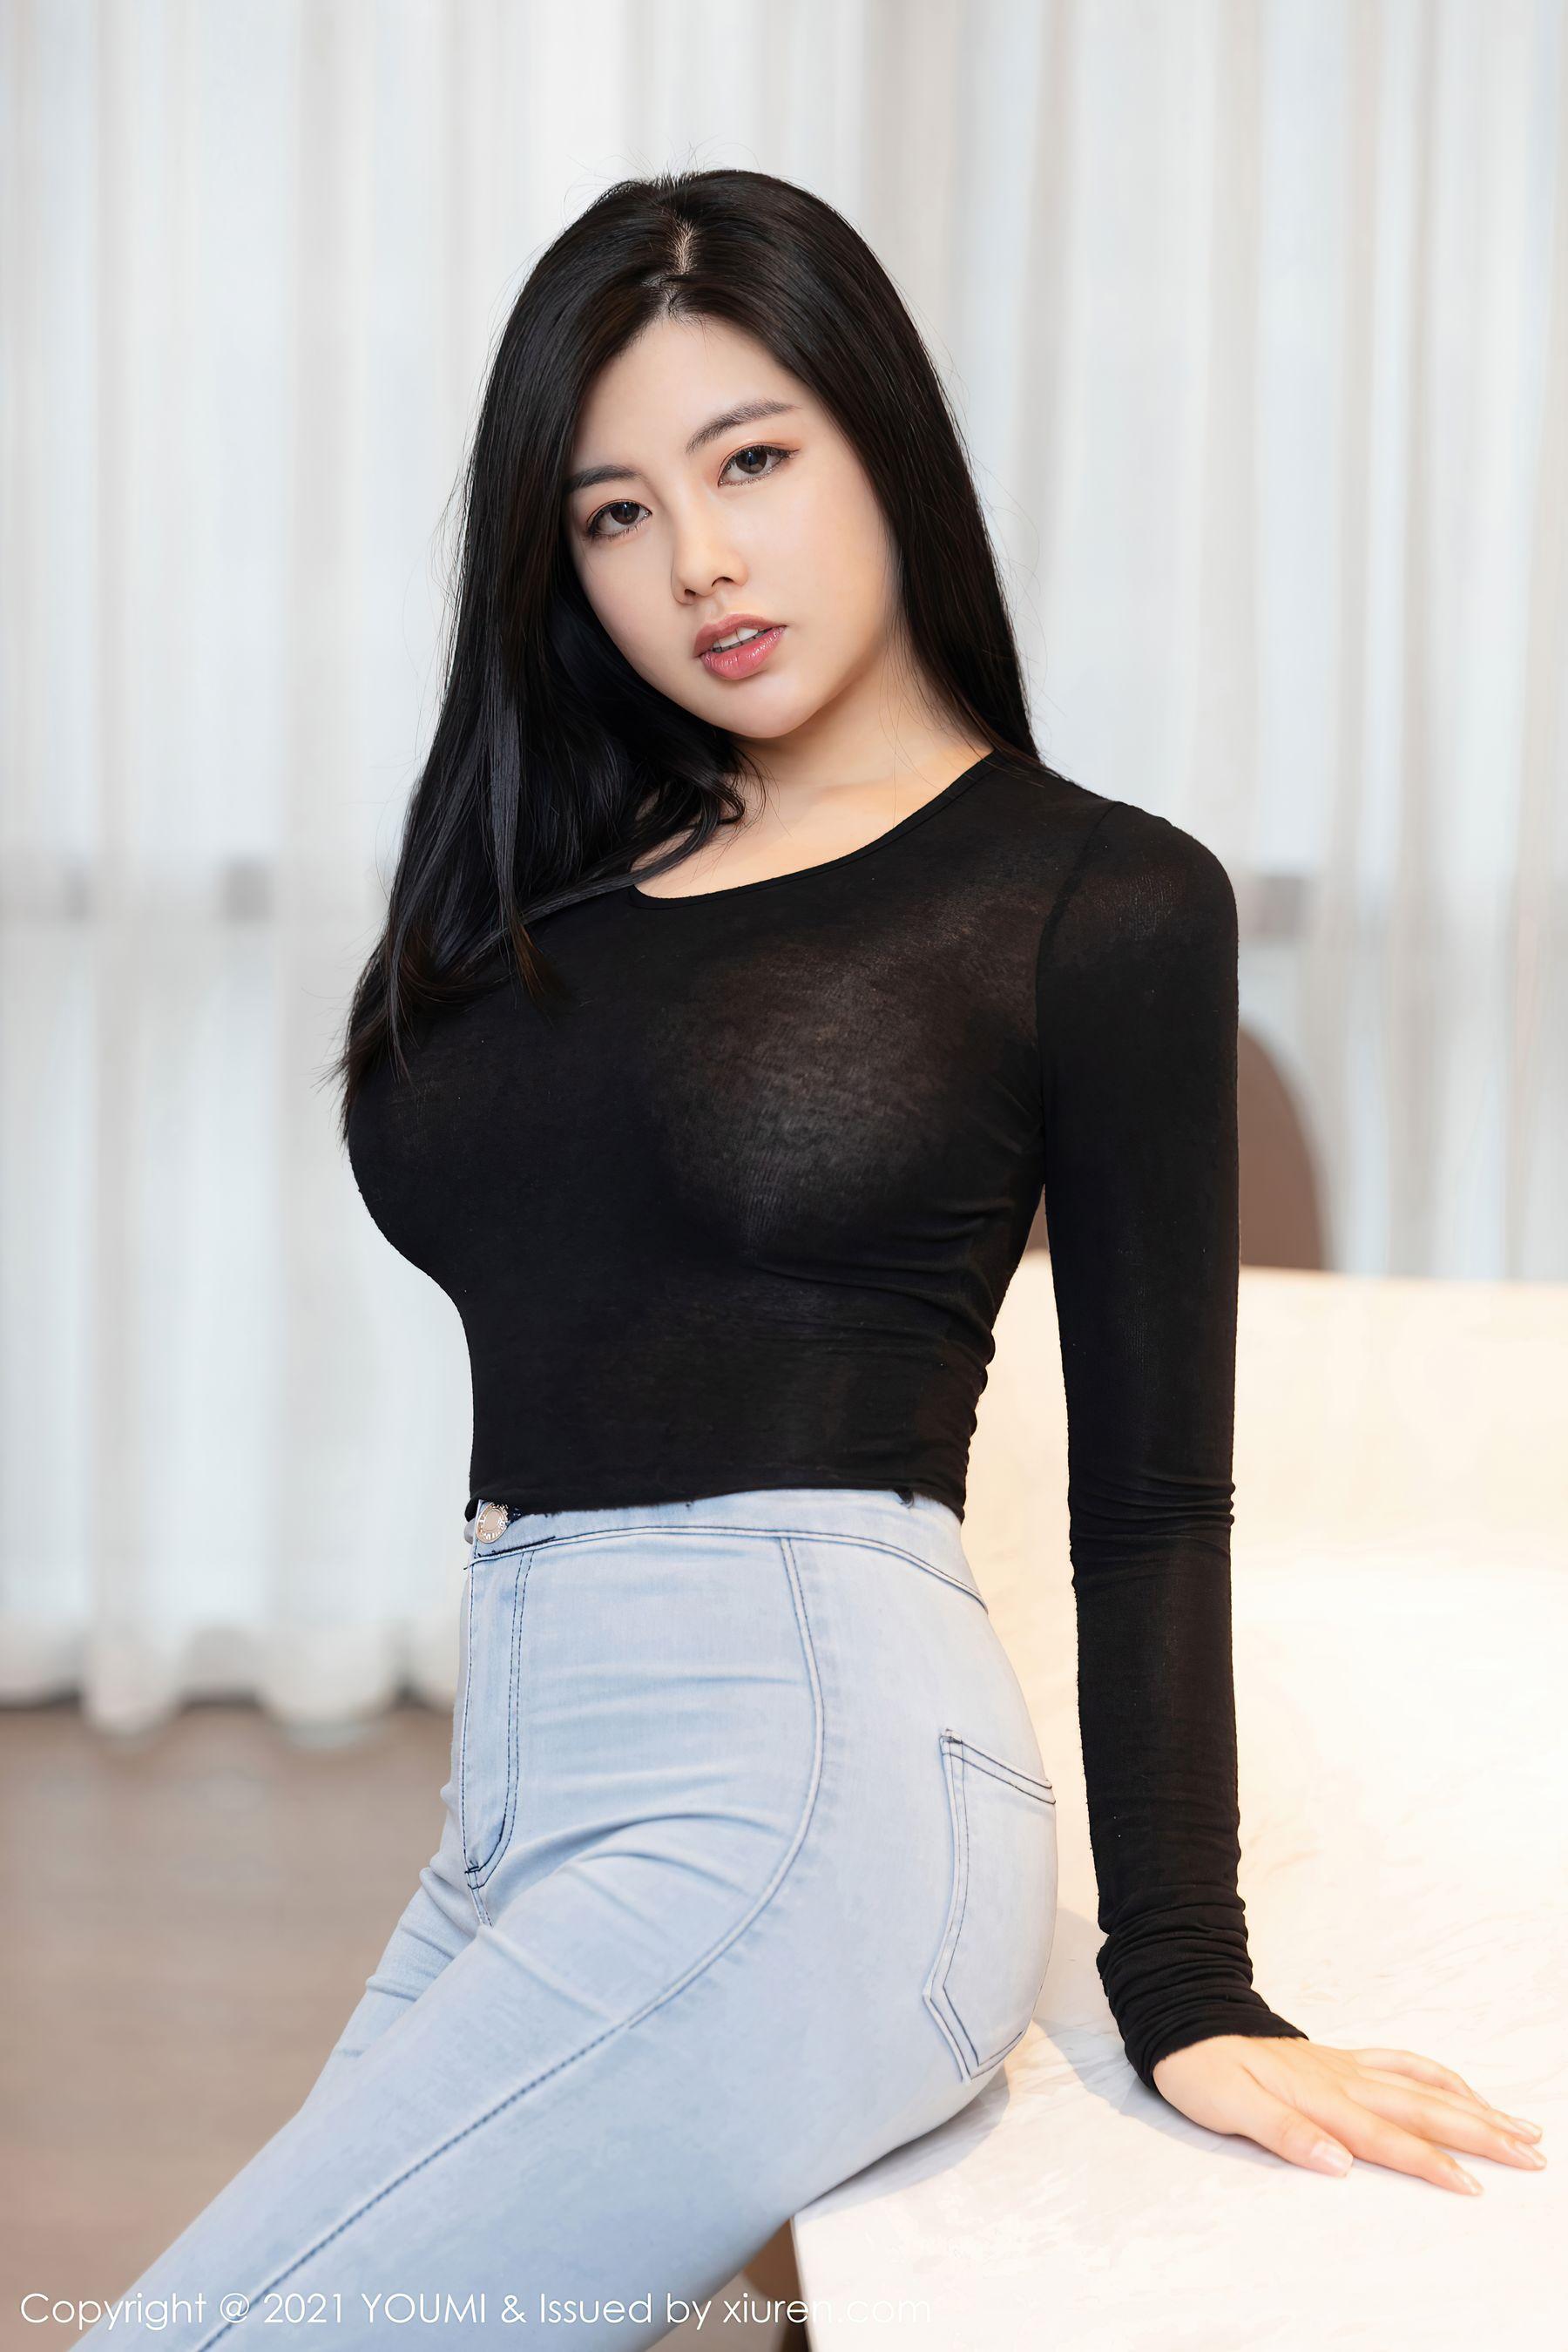 VOL.94 [尤蜜荟]牛仔翘臀紧身裤:娜露(娜露Selena)超高清写真套图(50P)